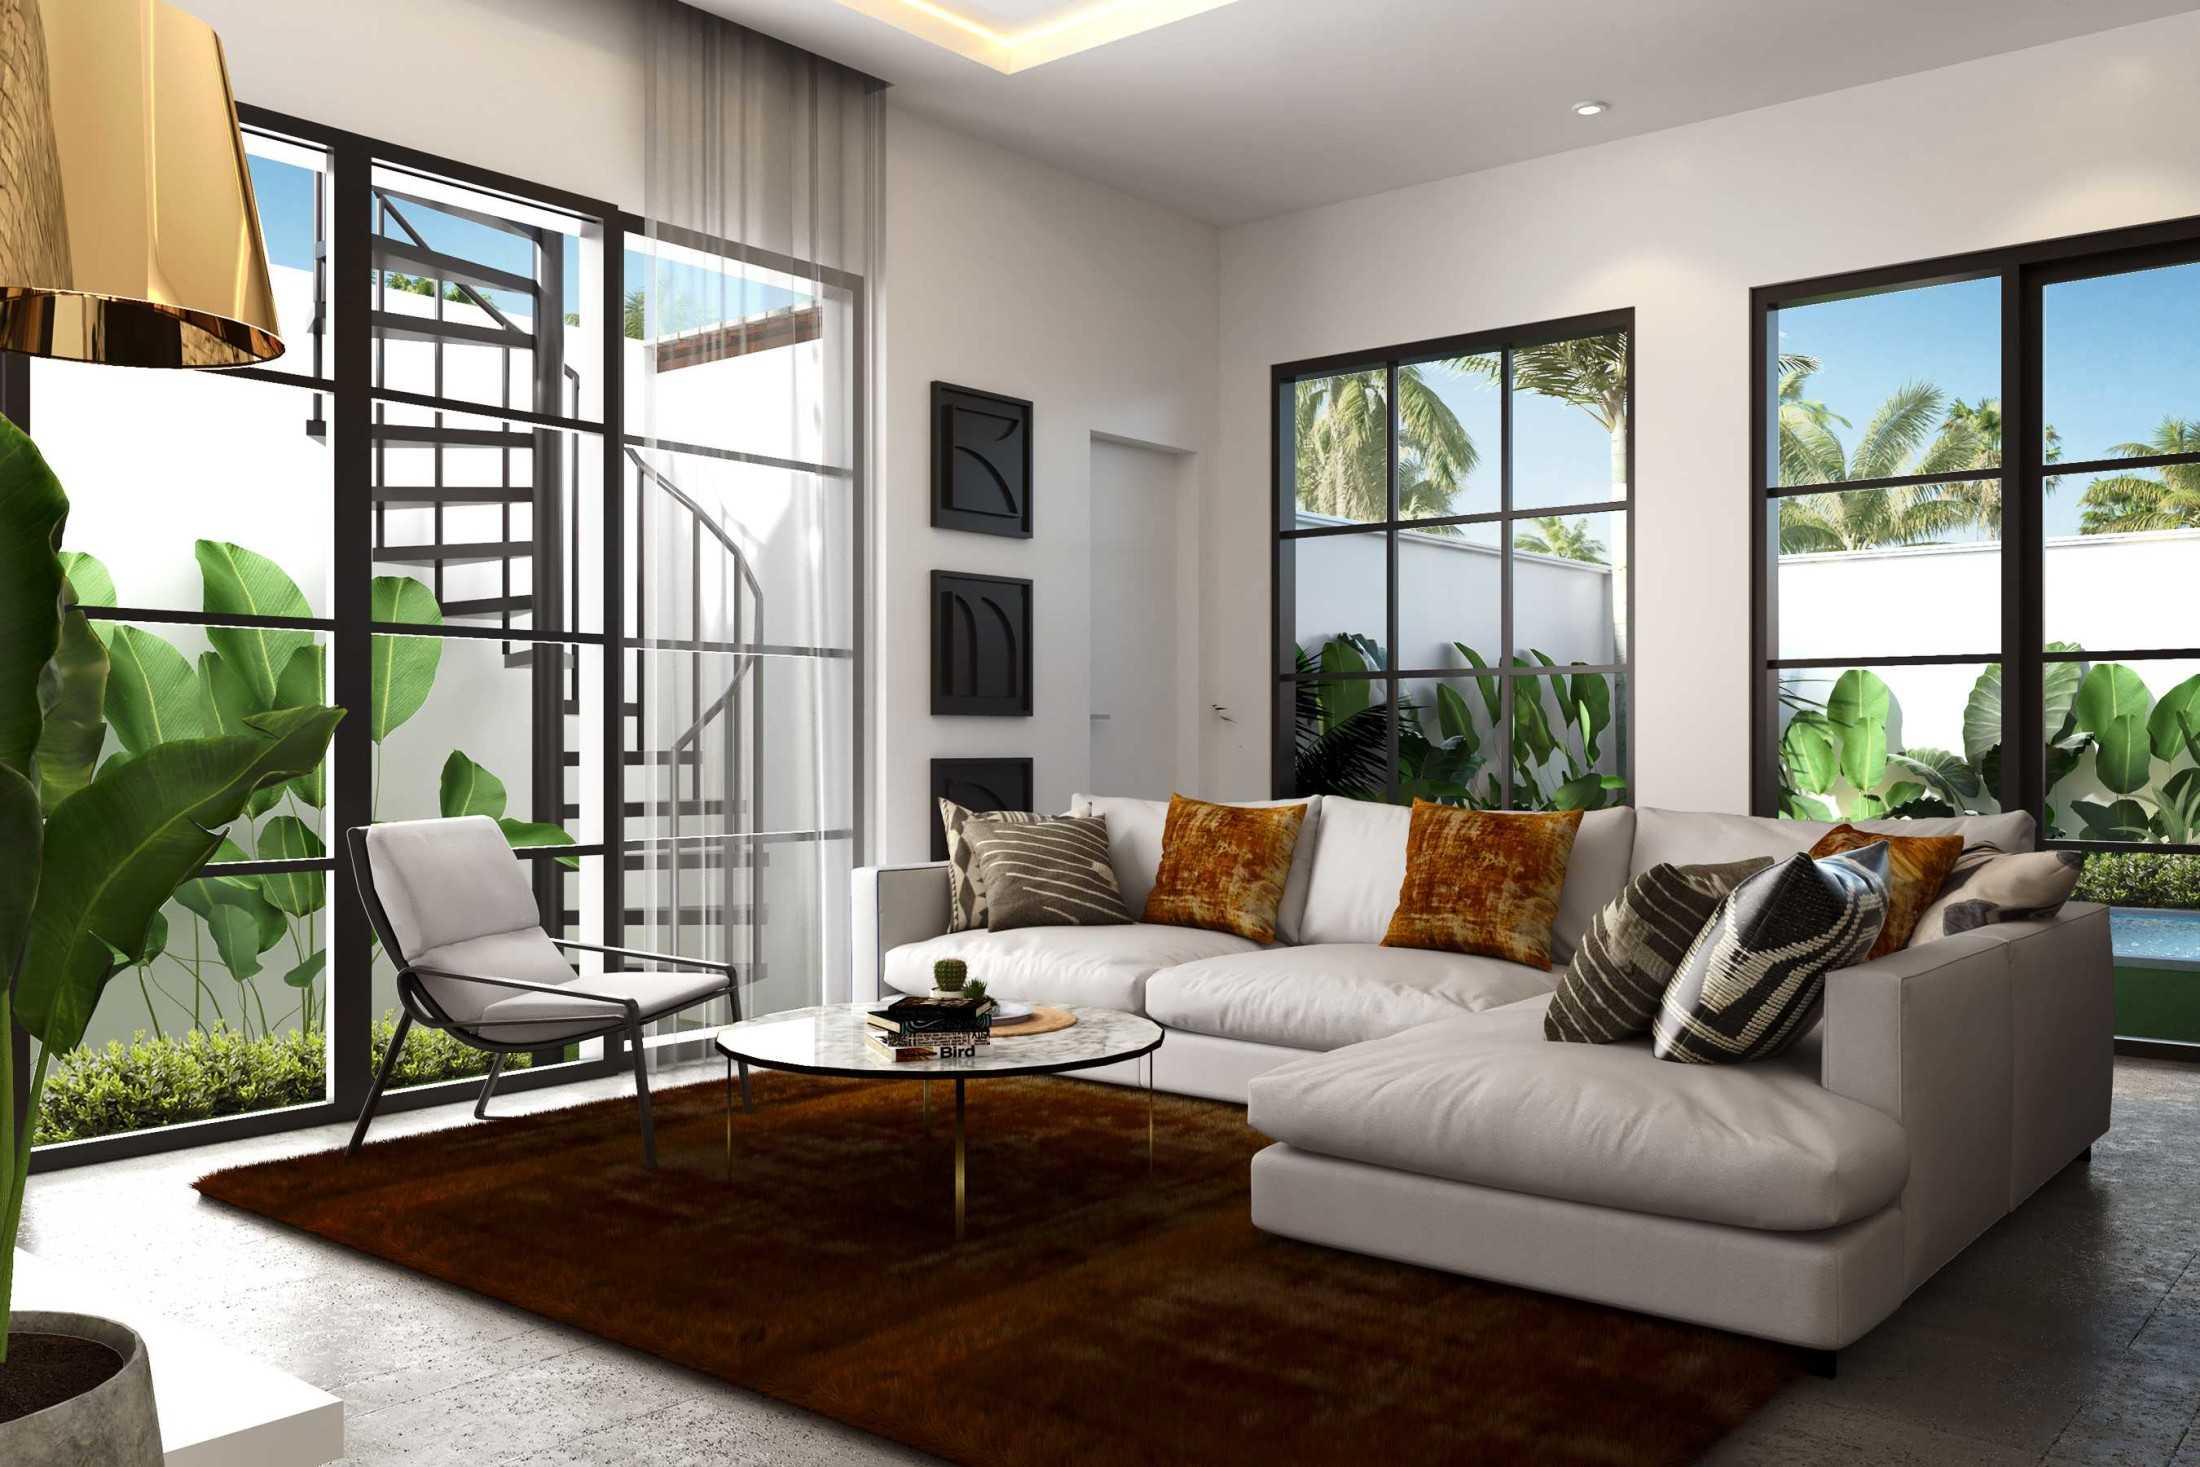 Dnaprojectbali Villa Borgobuduk Bali, Indonesia Bali, Indonesia Dnaprojectbali-Villa-Borgobuduk  131006